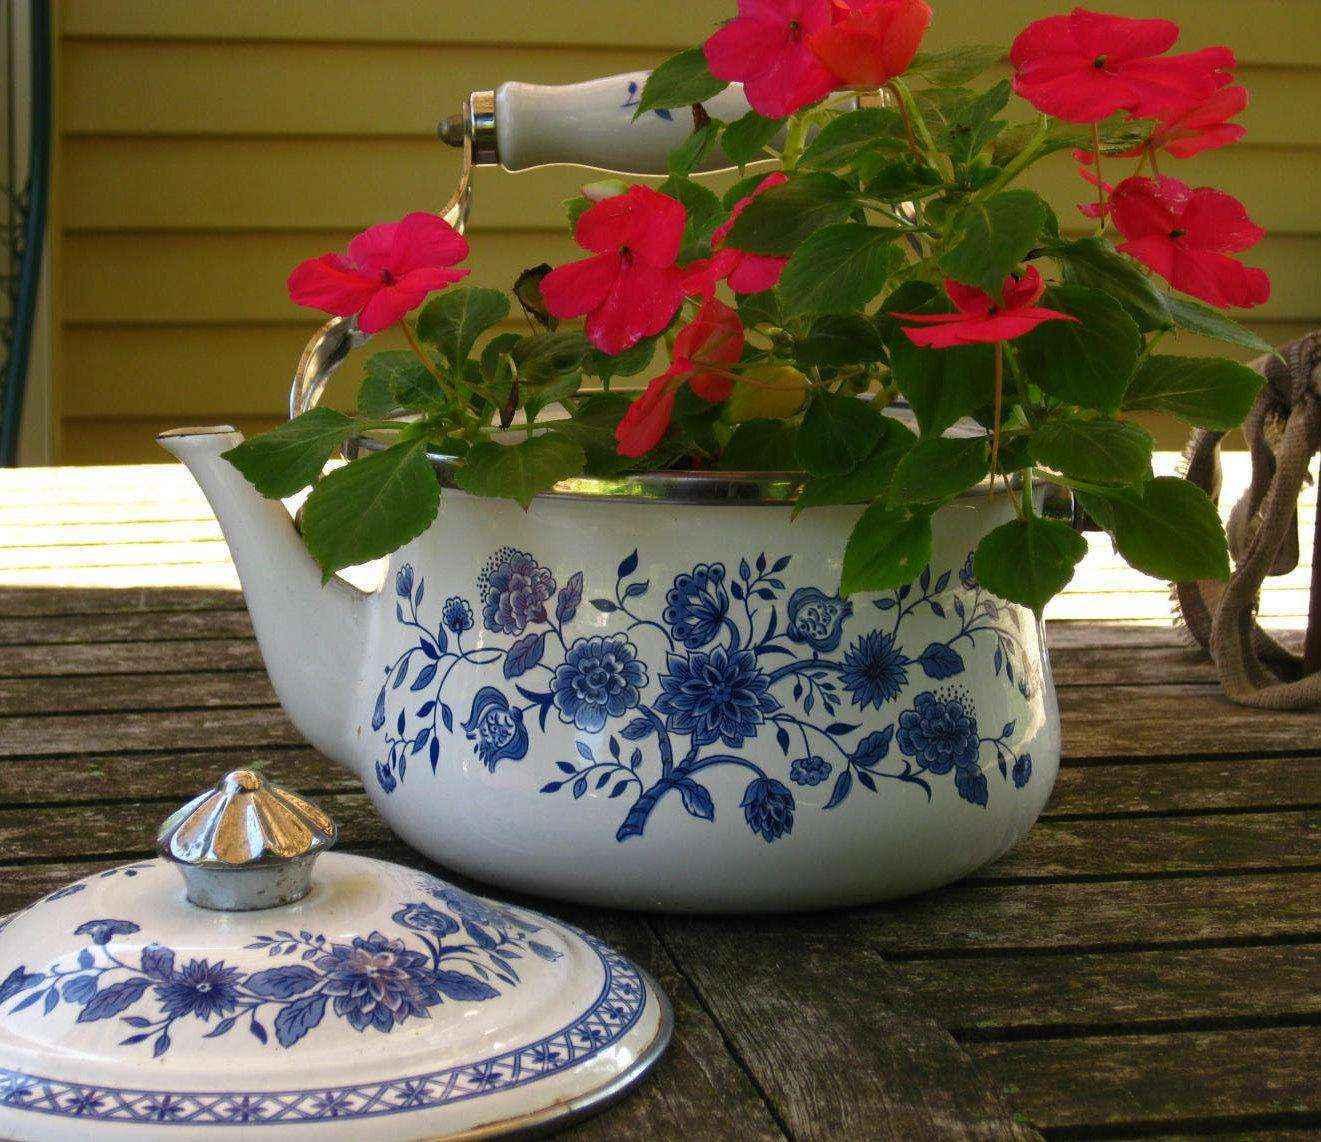 image68   Как сделать уютный сад в ограниченном пространстве и при ограниченном бюджете